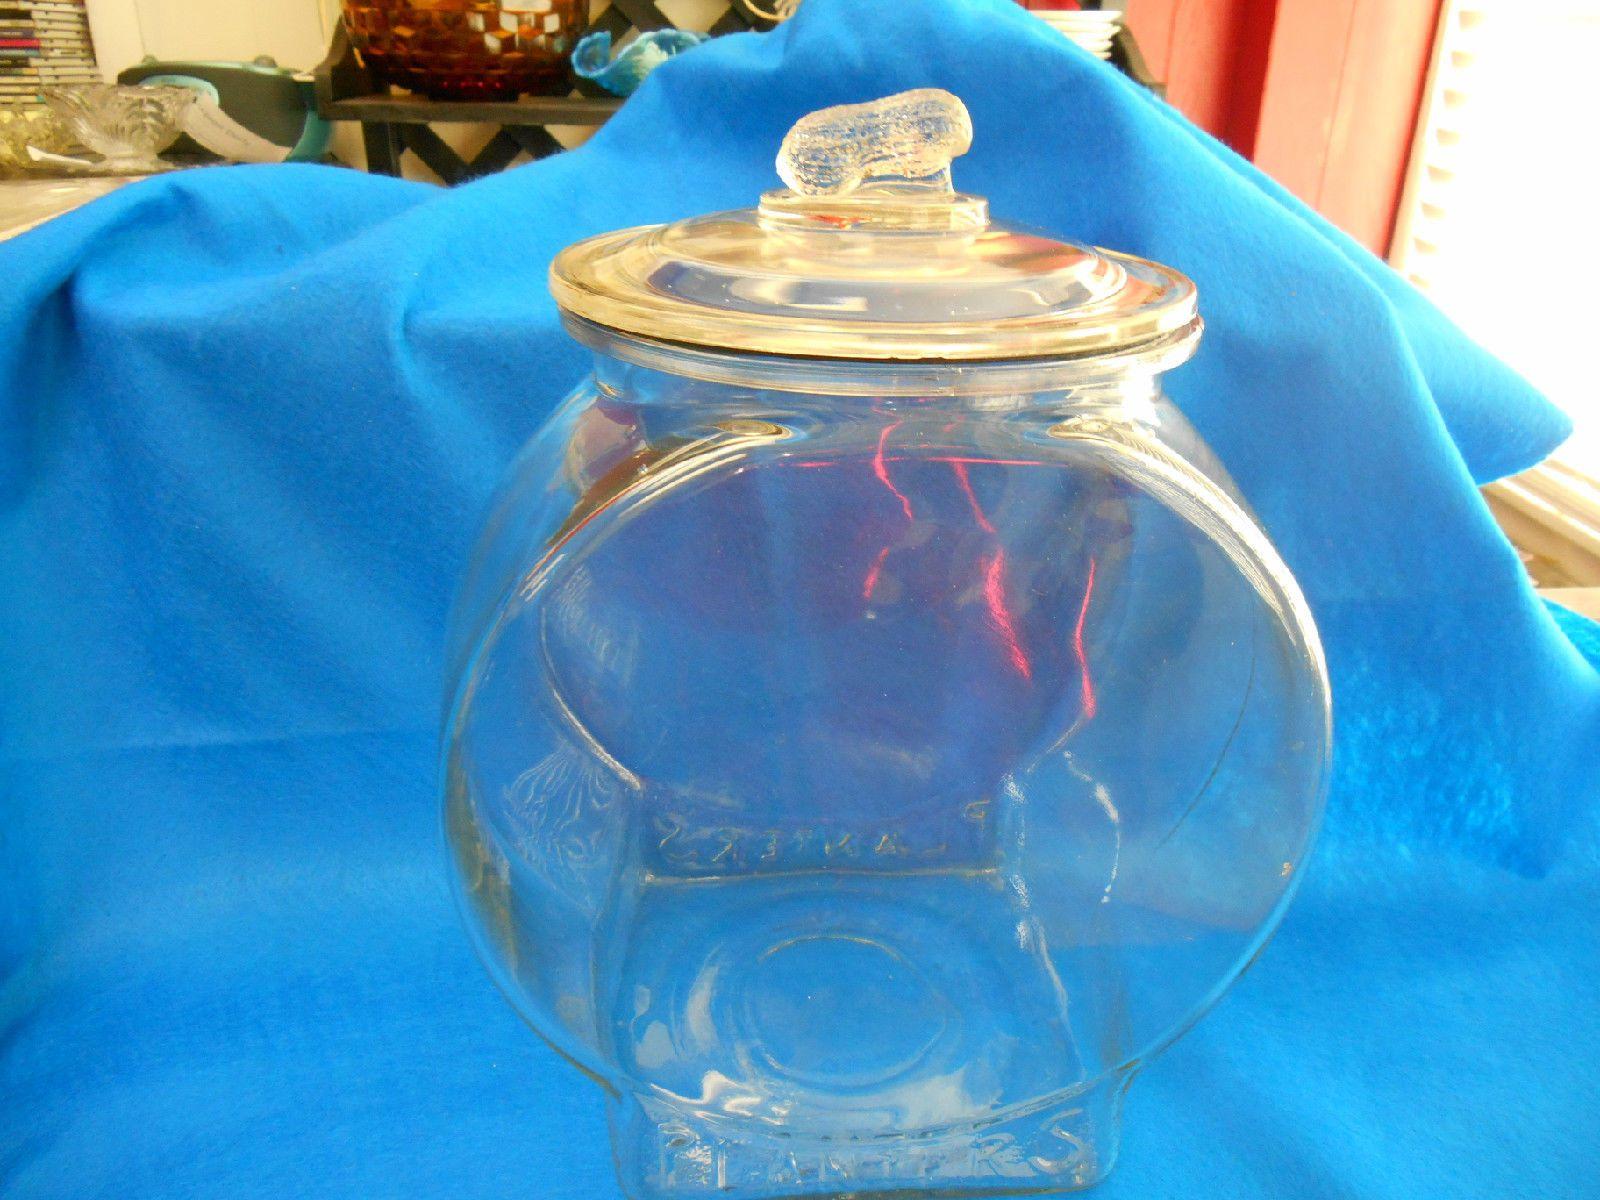 Vintage Planters Peanut Glass Jar Ebay Vintage Planters Planters Peanuts Glass Jars